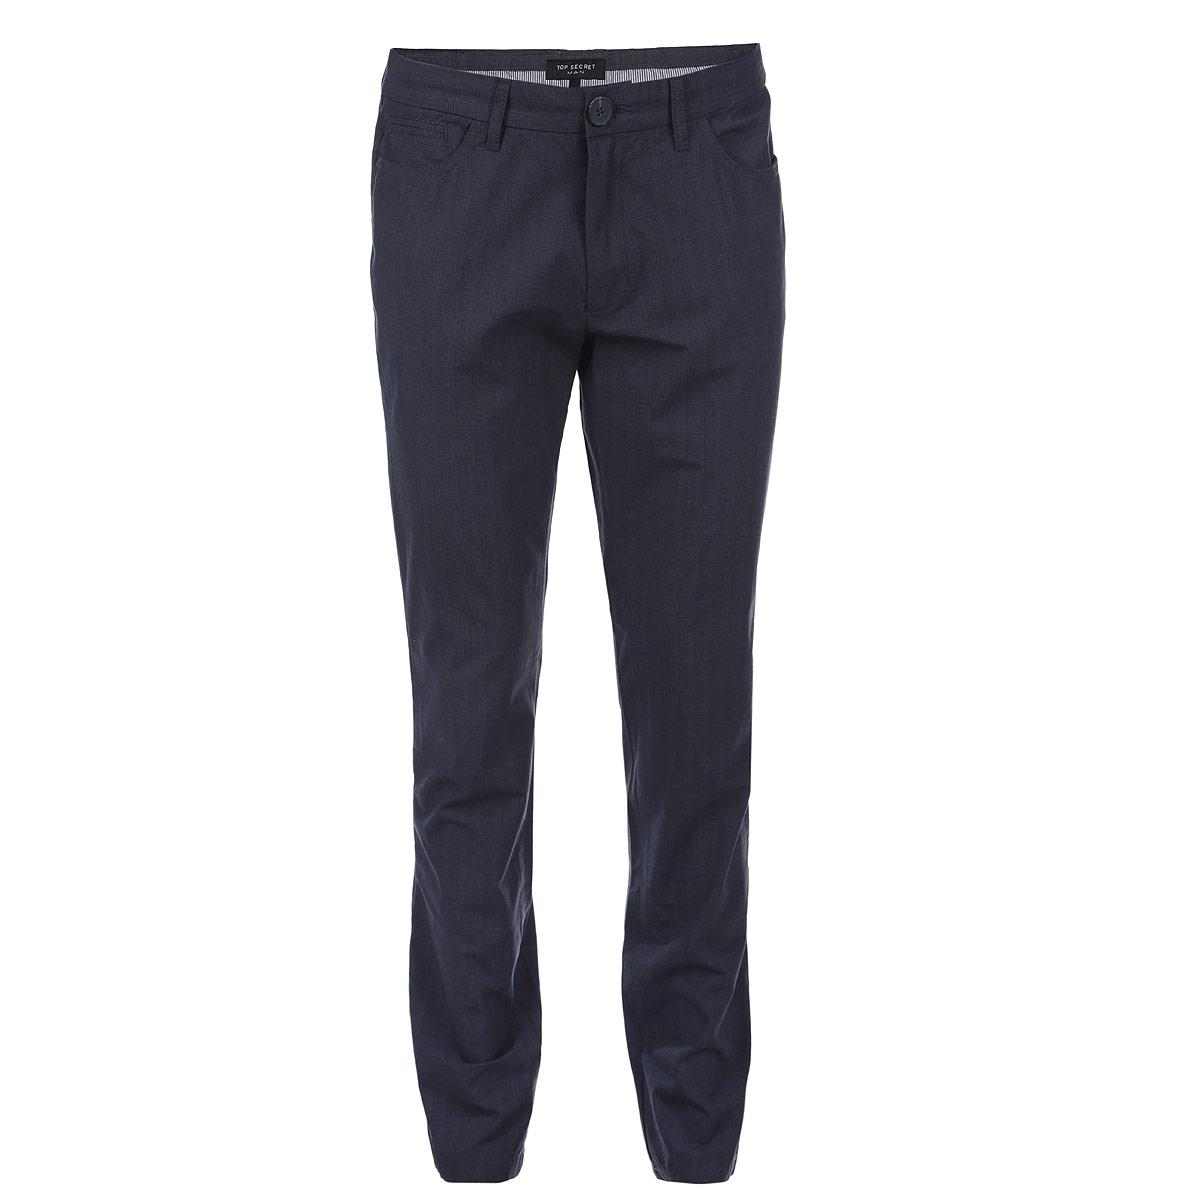 Брюки мужские. SSP1868STSSP1868STСтильные мужские брюки Top Secret высочайшего качества, подходят большинству мужчин. Модель прямого кроя и средней посадки станет отличным дополнением к вашему современному образу. Застегиваются брюки на молнию и пуговицу в поясе, имеются шлевки для ремня. Спереди модель оформлена двумя втачными карманами и одним секретным кармашком, а сзади - двумя прорезными карманами на пуговицах. Эти модные и в тоже время комфортные брюки послужат отличным дополнением к вашему гардеробу. В них вы всегда будете чувствовать себя уютно и комфортно.